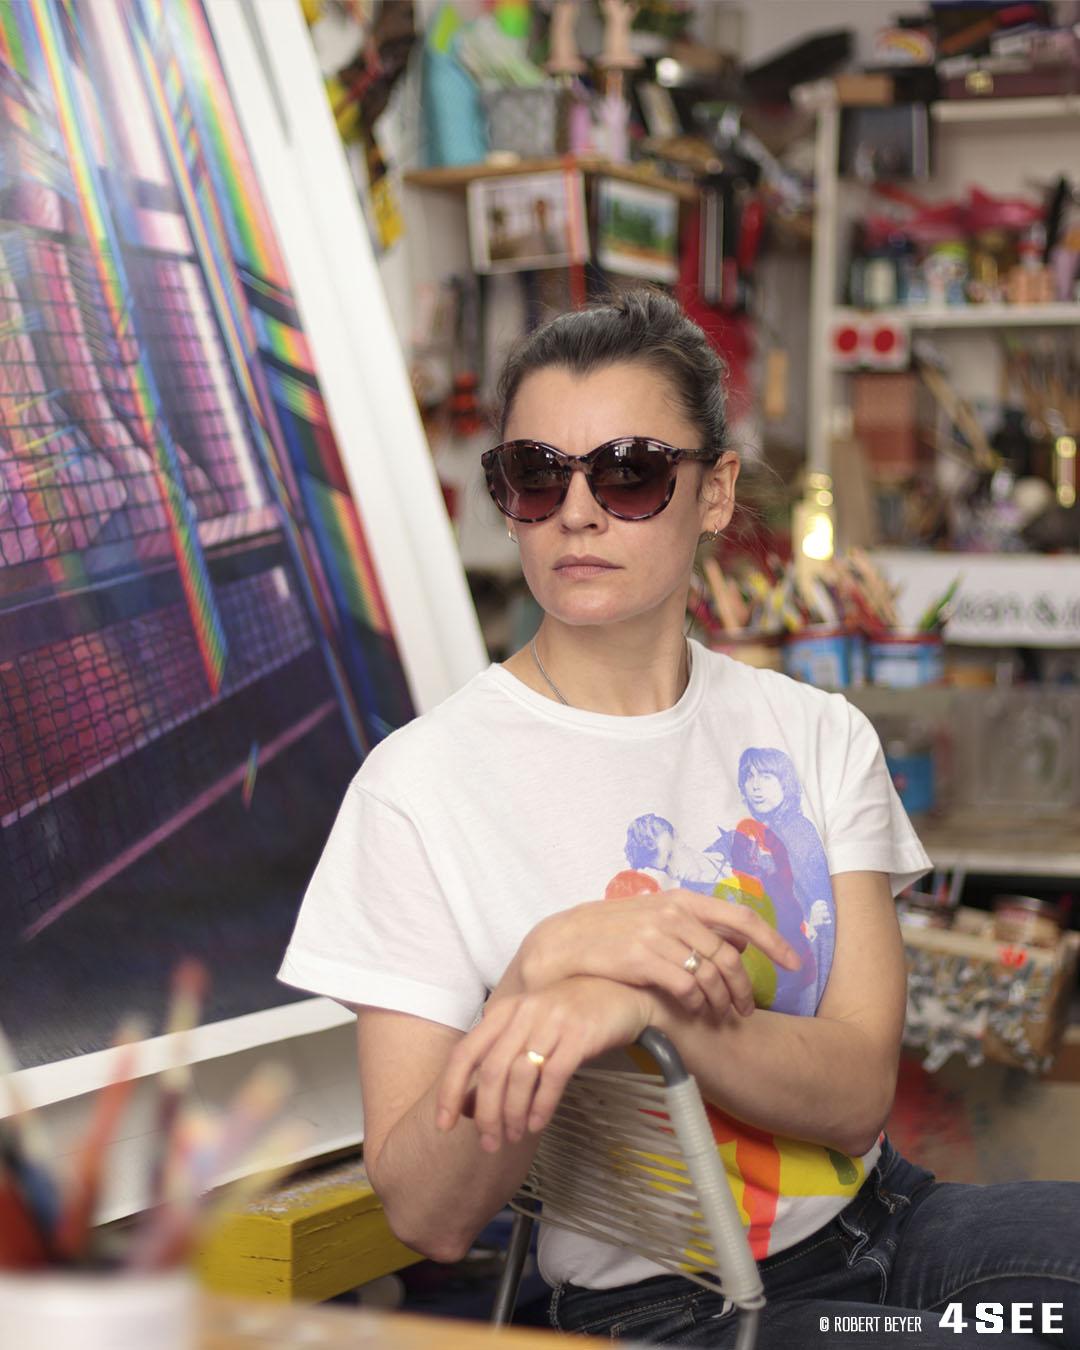 4SEE Artist Profile Chloe Grove, photo by Robert Beyer in her berlin atelier